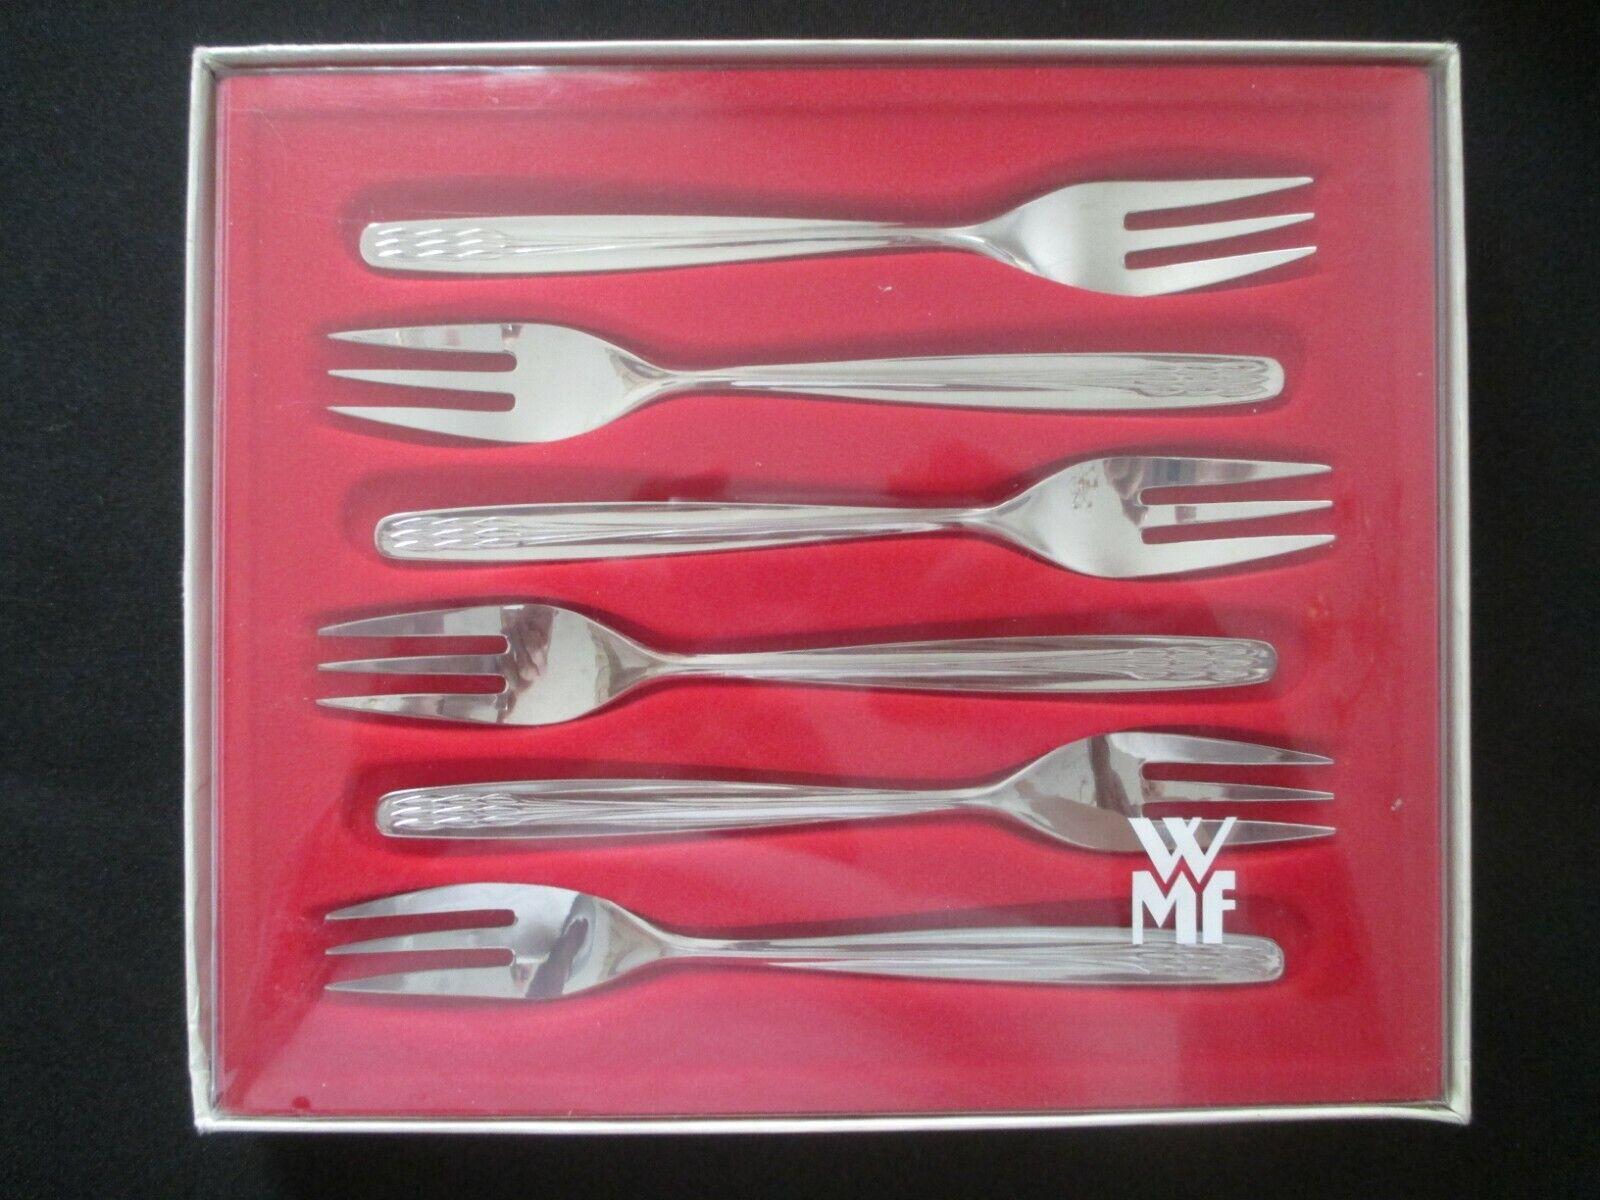 WMF Séville 6 Gateau fourchette Cromargan 6 pièces 15,8 cm Note 1 fourche cakefork NEUF